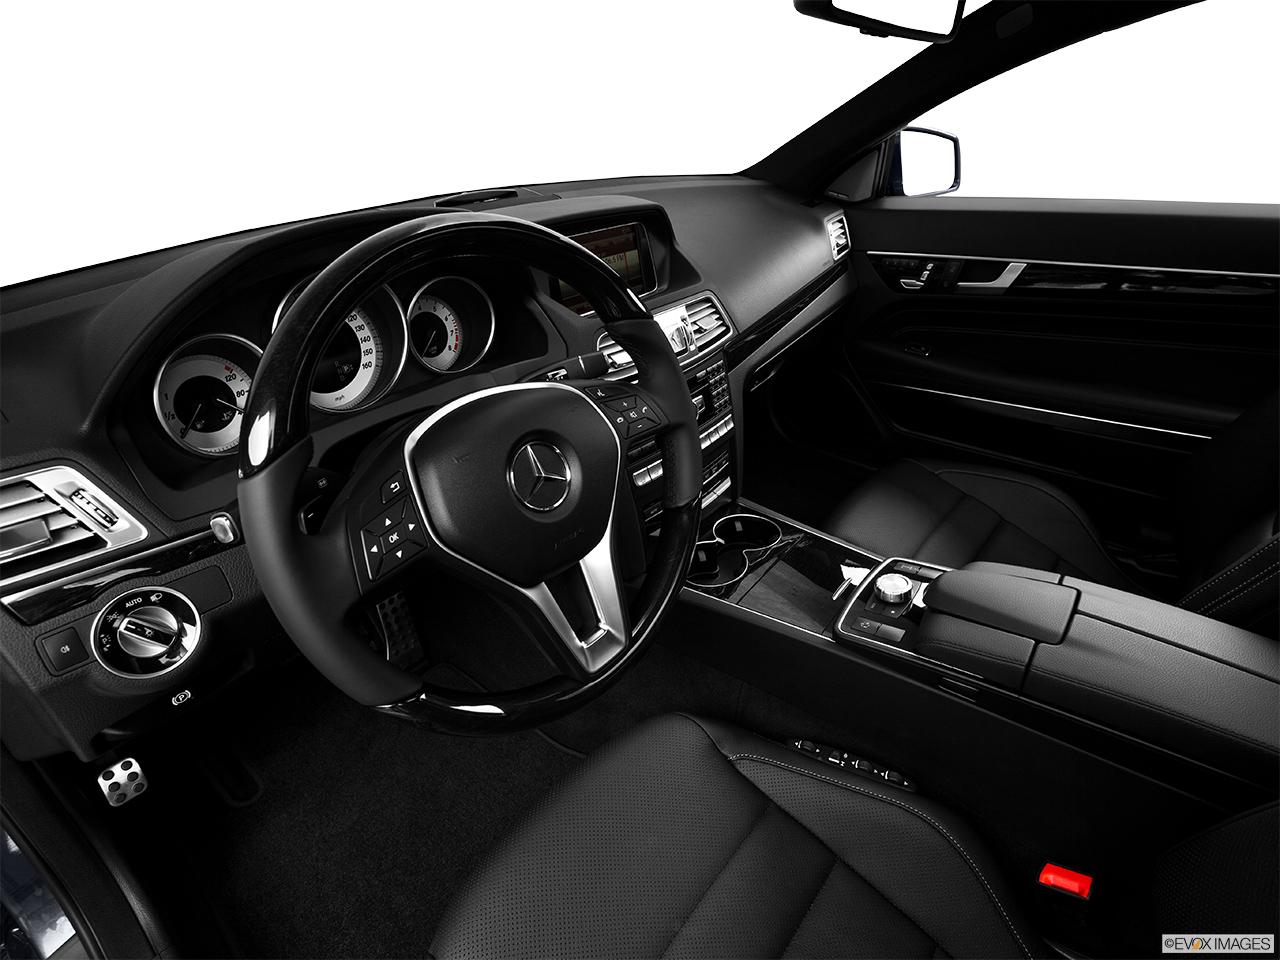 Mercedes benz s class black naked girls for Mercedes benz e class interior